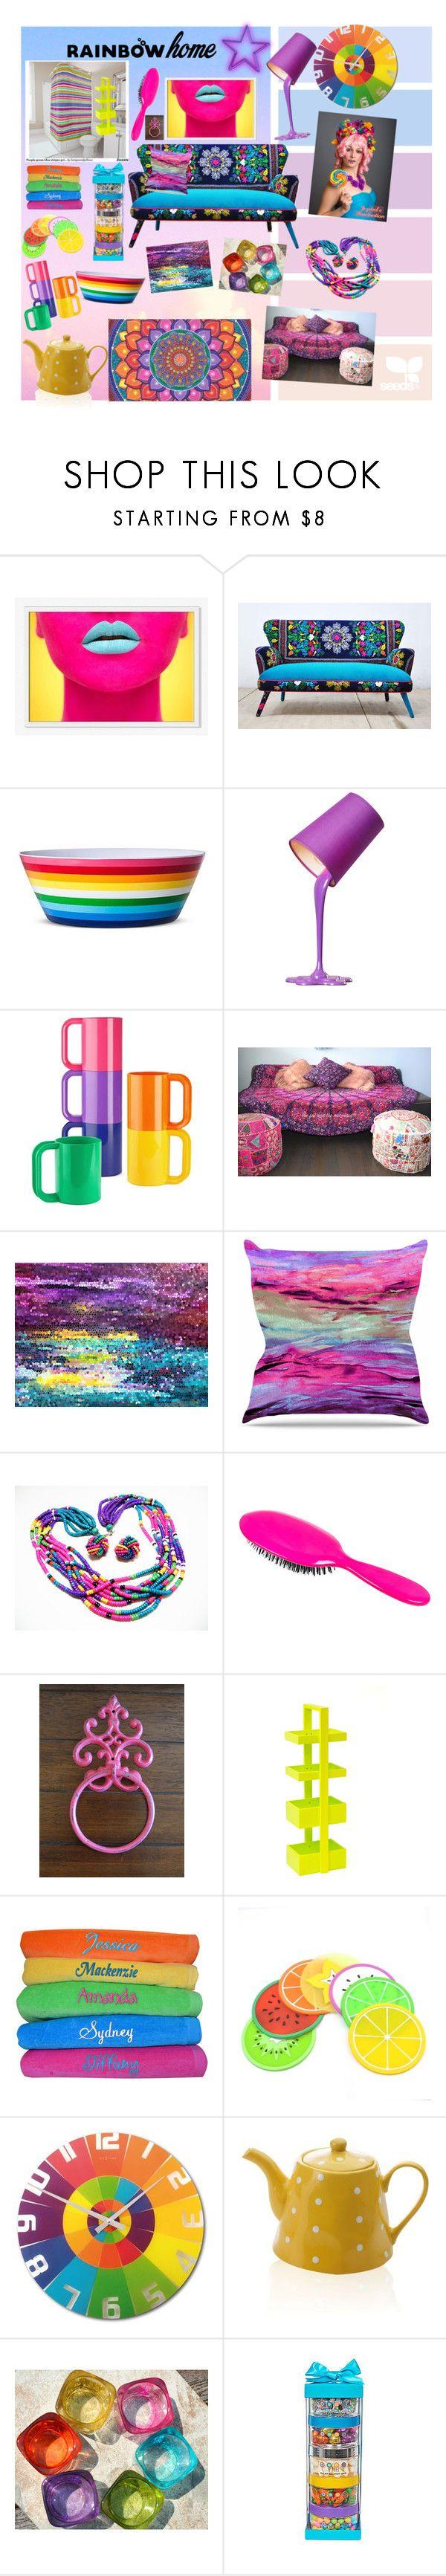 Die besten 25 Regenbogenschokoriegel Ideen auf Pinterest